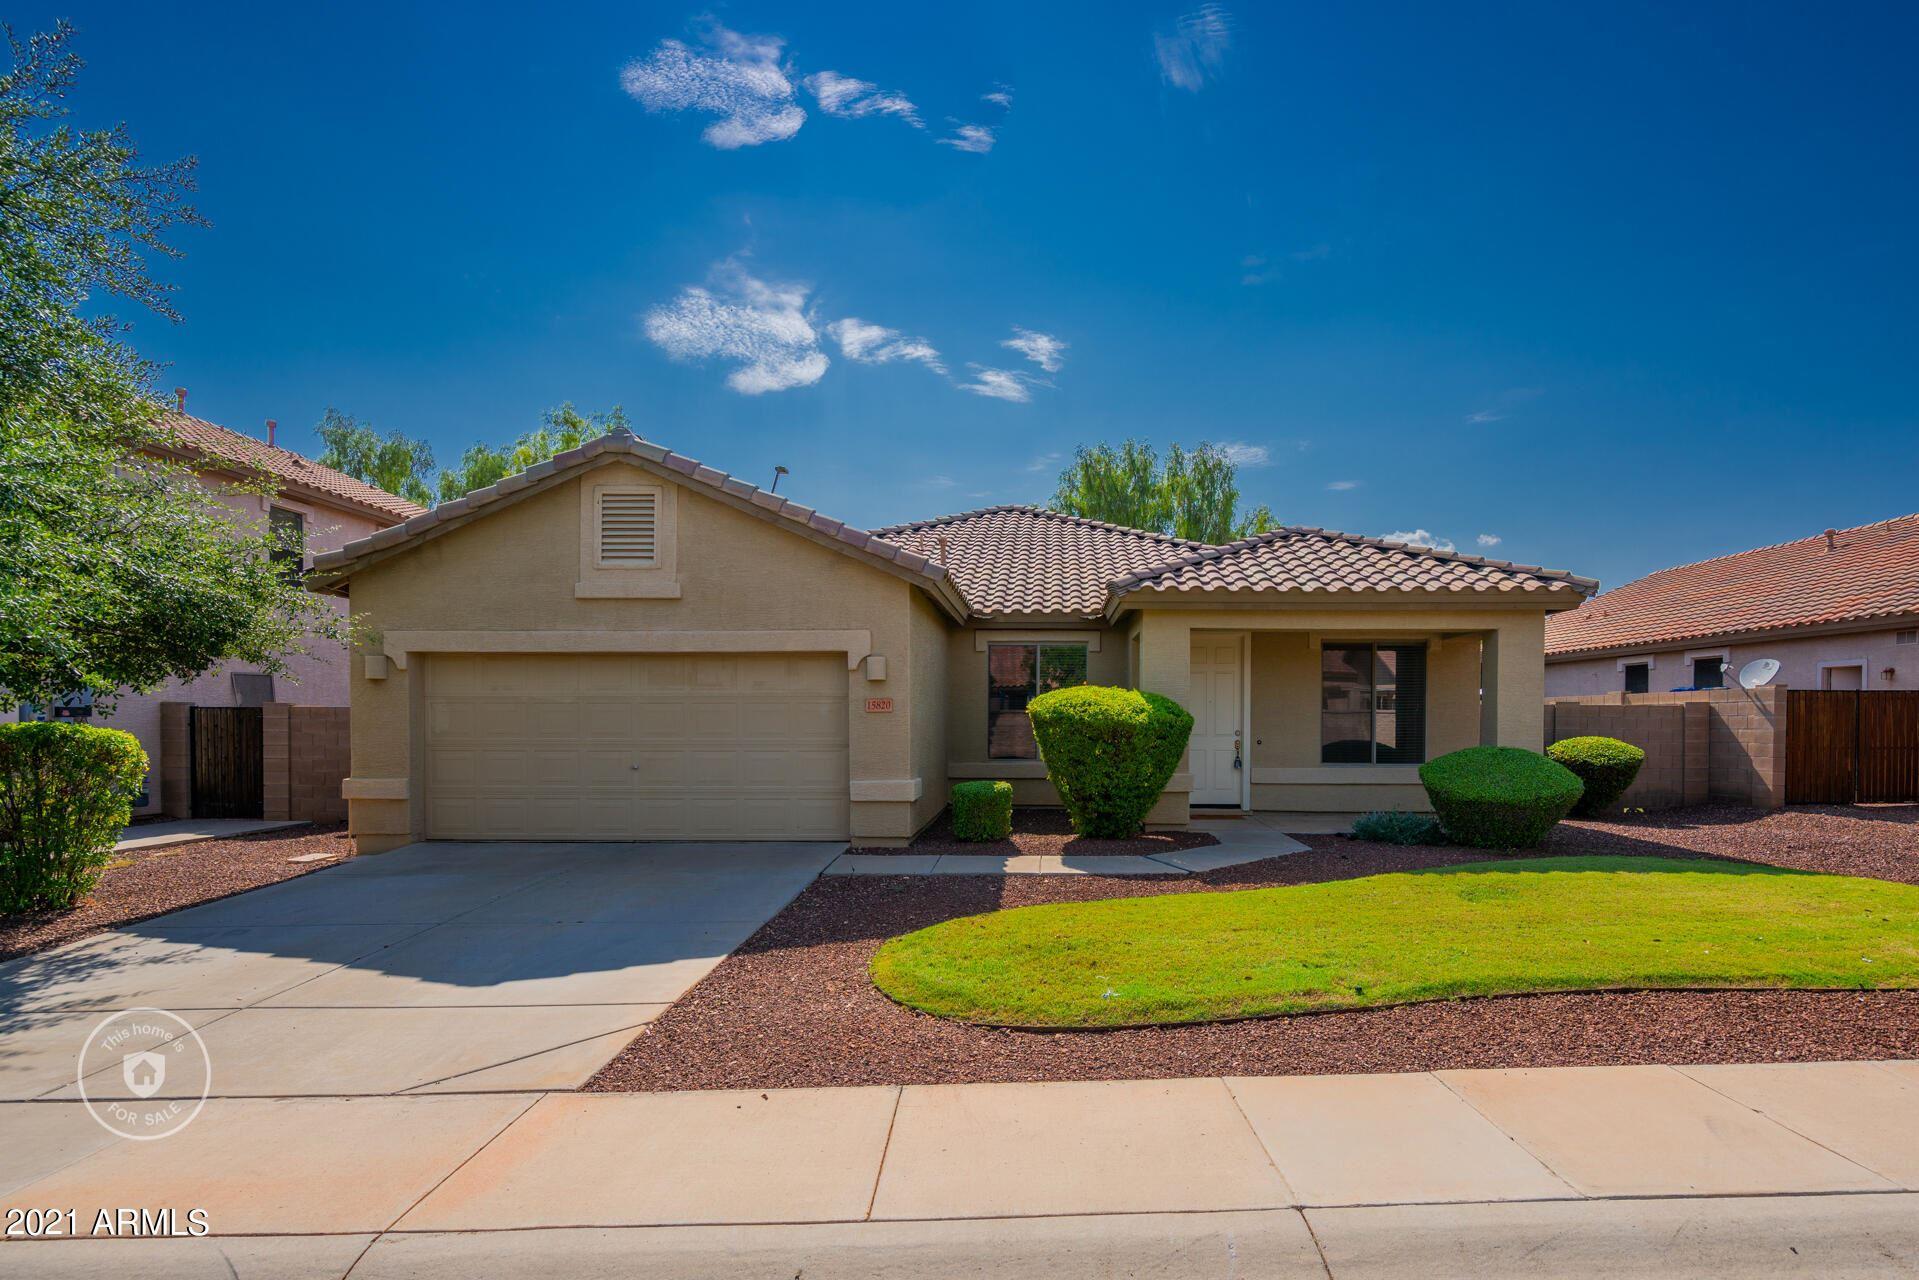 15820 N 168TH Lane, Surprise, AZ 85388 - MLS#: 6291995